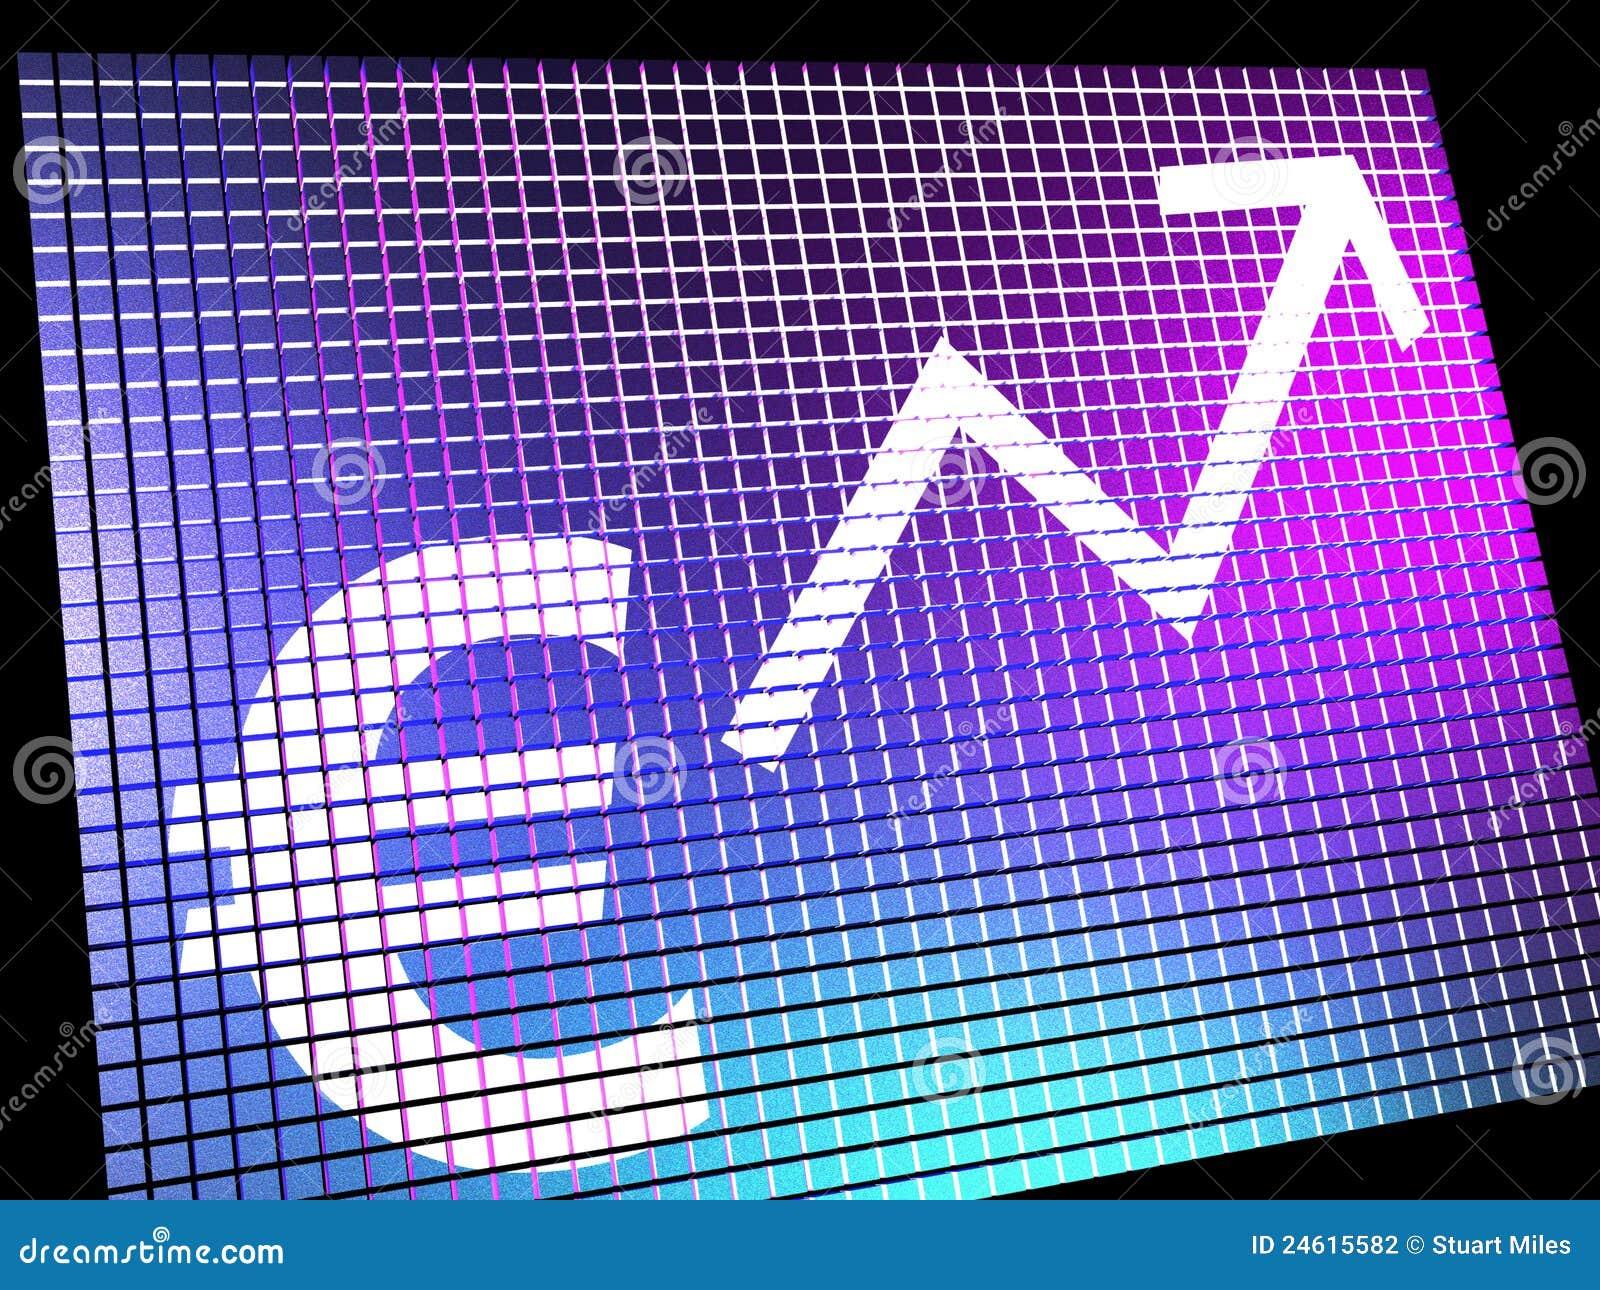 Euro segno e freccia alta come simbolo per i guadagni o il profitto online